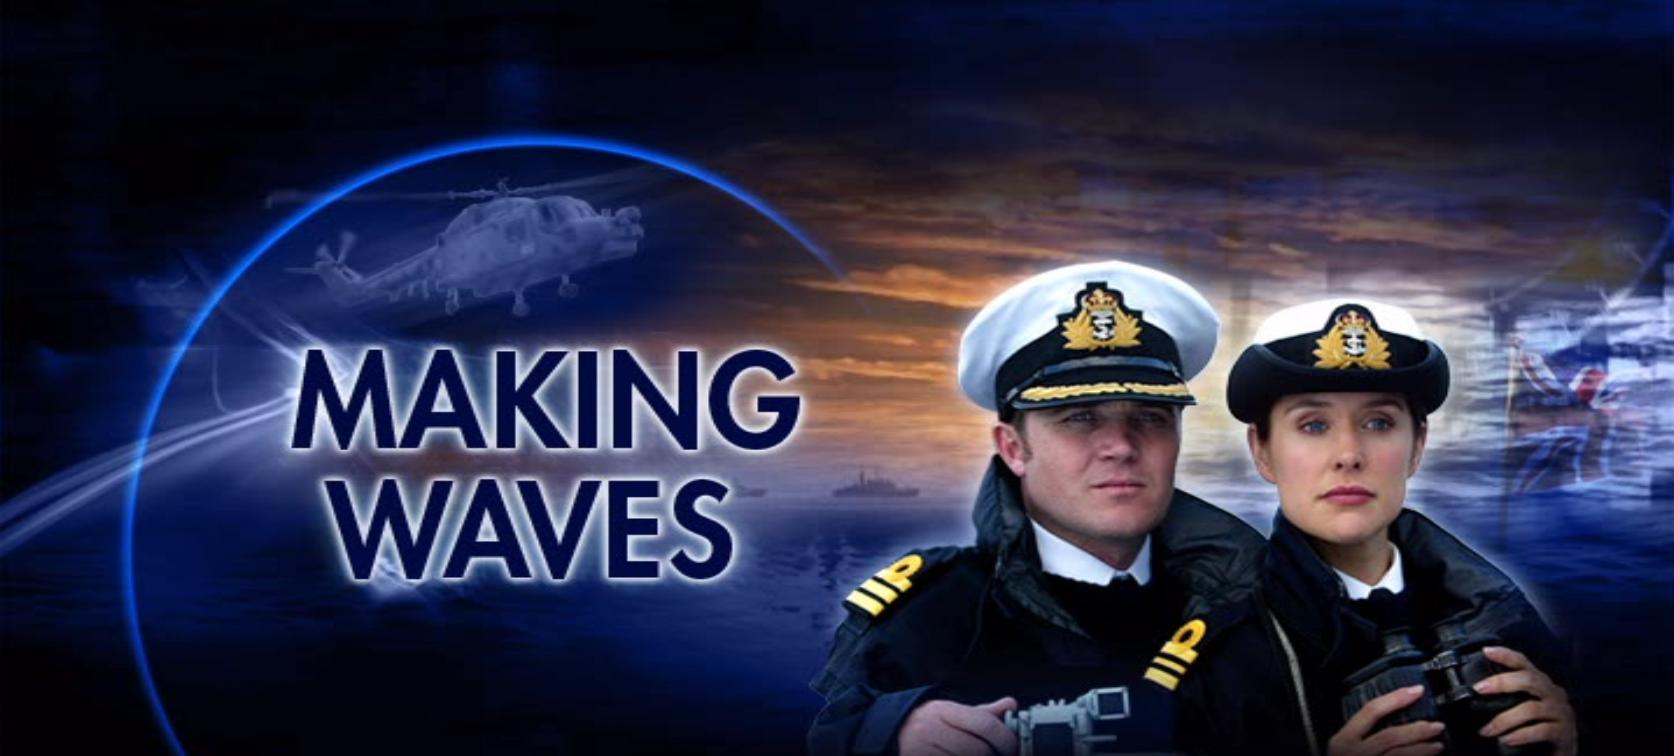 Making Waves (TV Series 2004– ) - IMDb